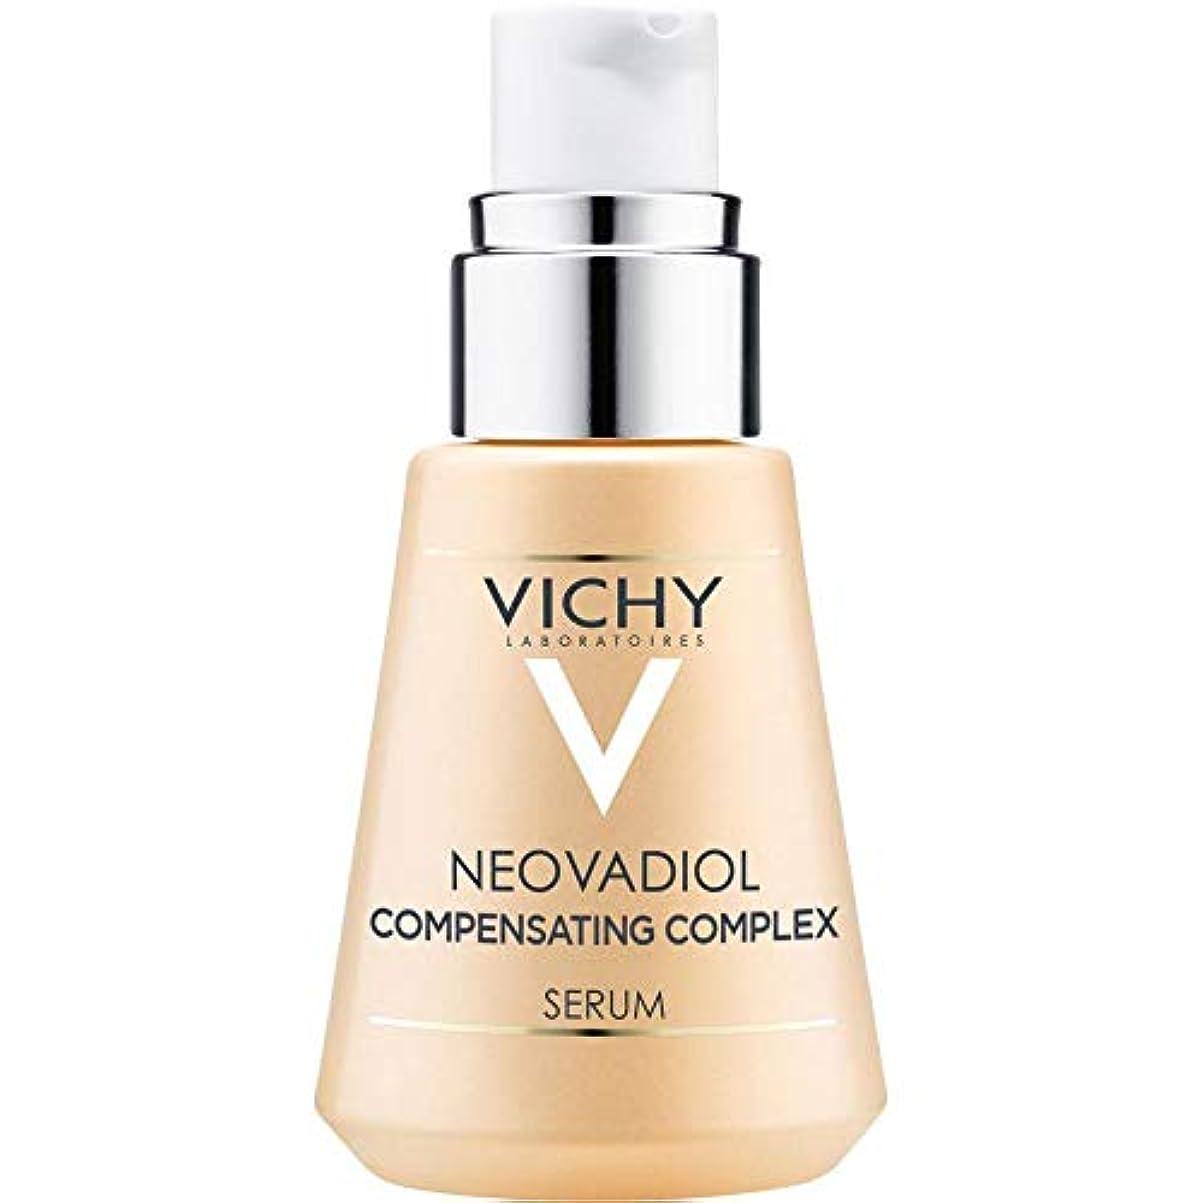 副恒久的ミネラル[Vichy] 複雑なセラム30Mlを補償Neovadiolヴィシー - Vichy Neovadiol Compensating Complex Serum 30ml [並行輸入品]